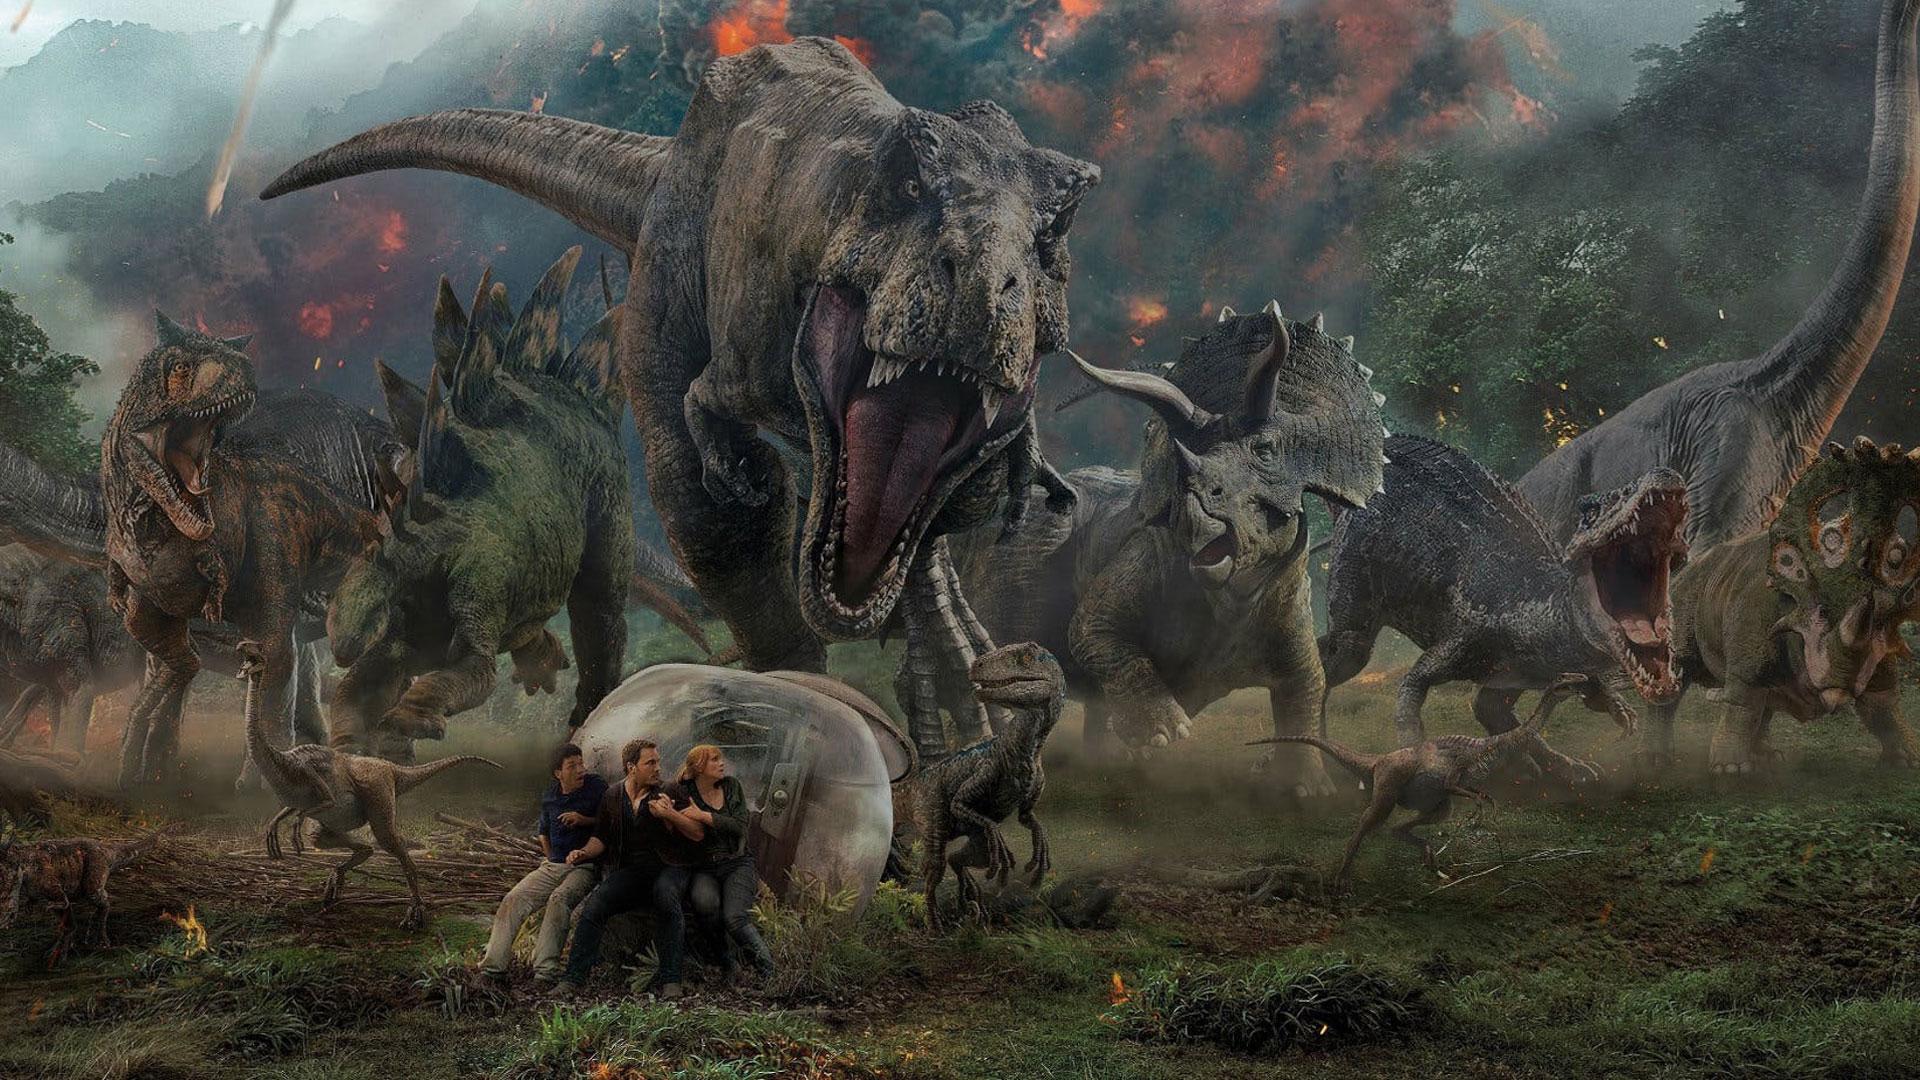 دنیای ژوراسیک: پادشاهی سقوطکرده - Jurassic World: Fallen Kingdom - یونیورسال